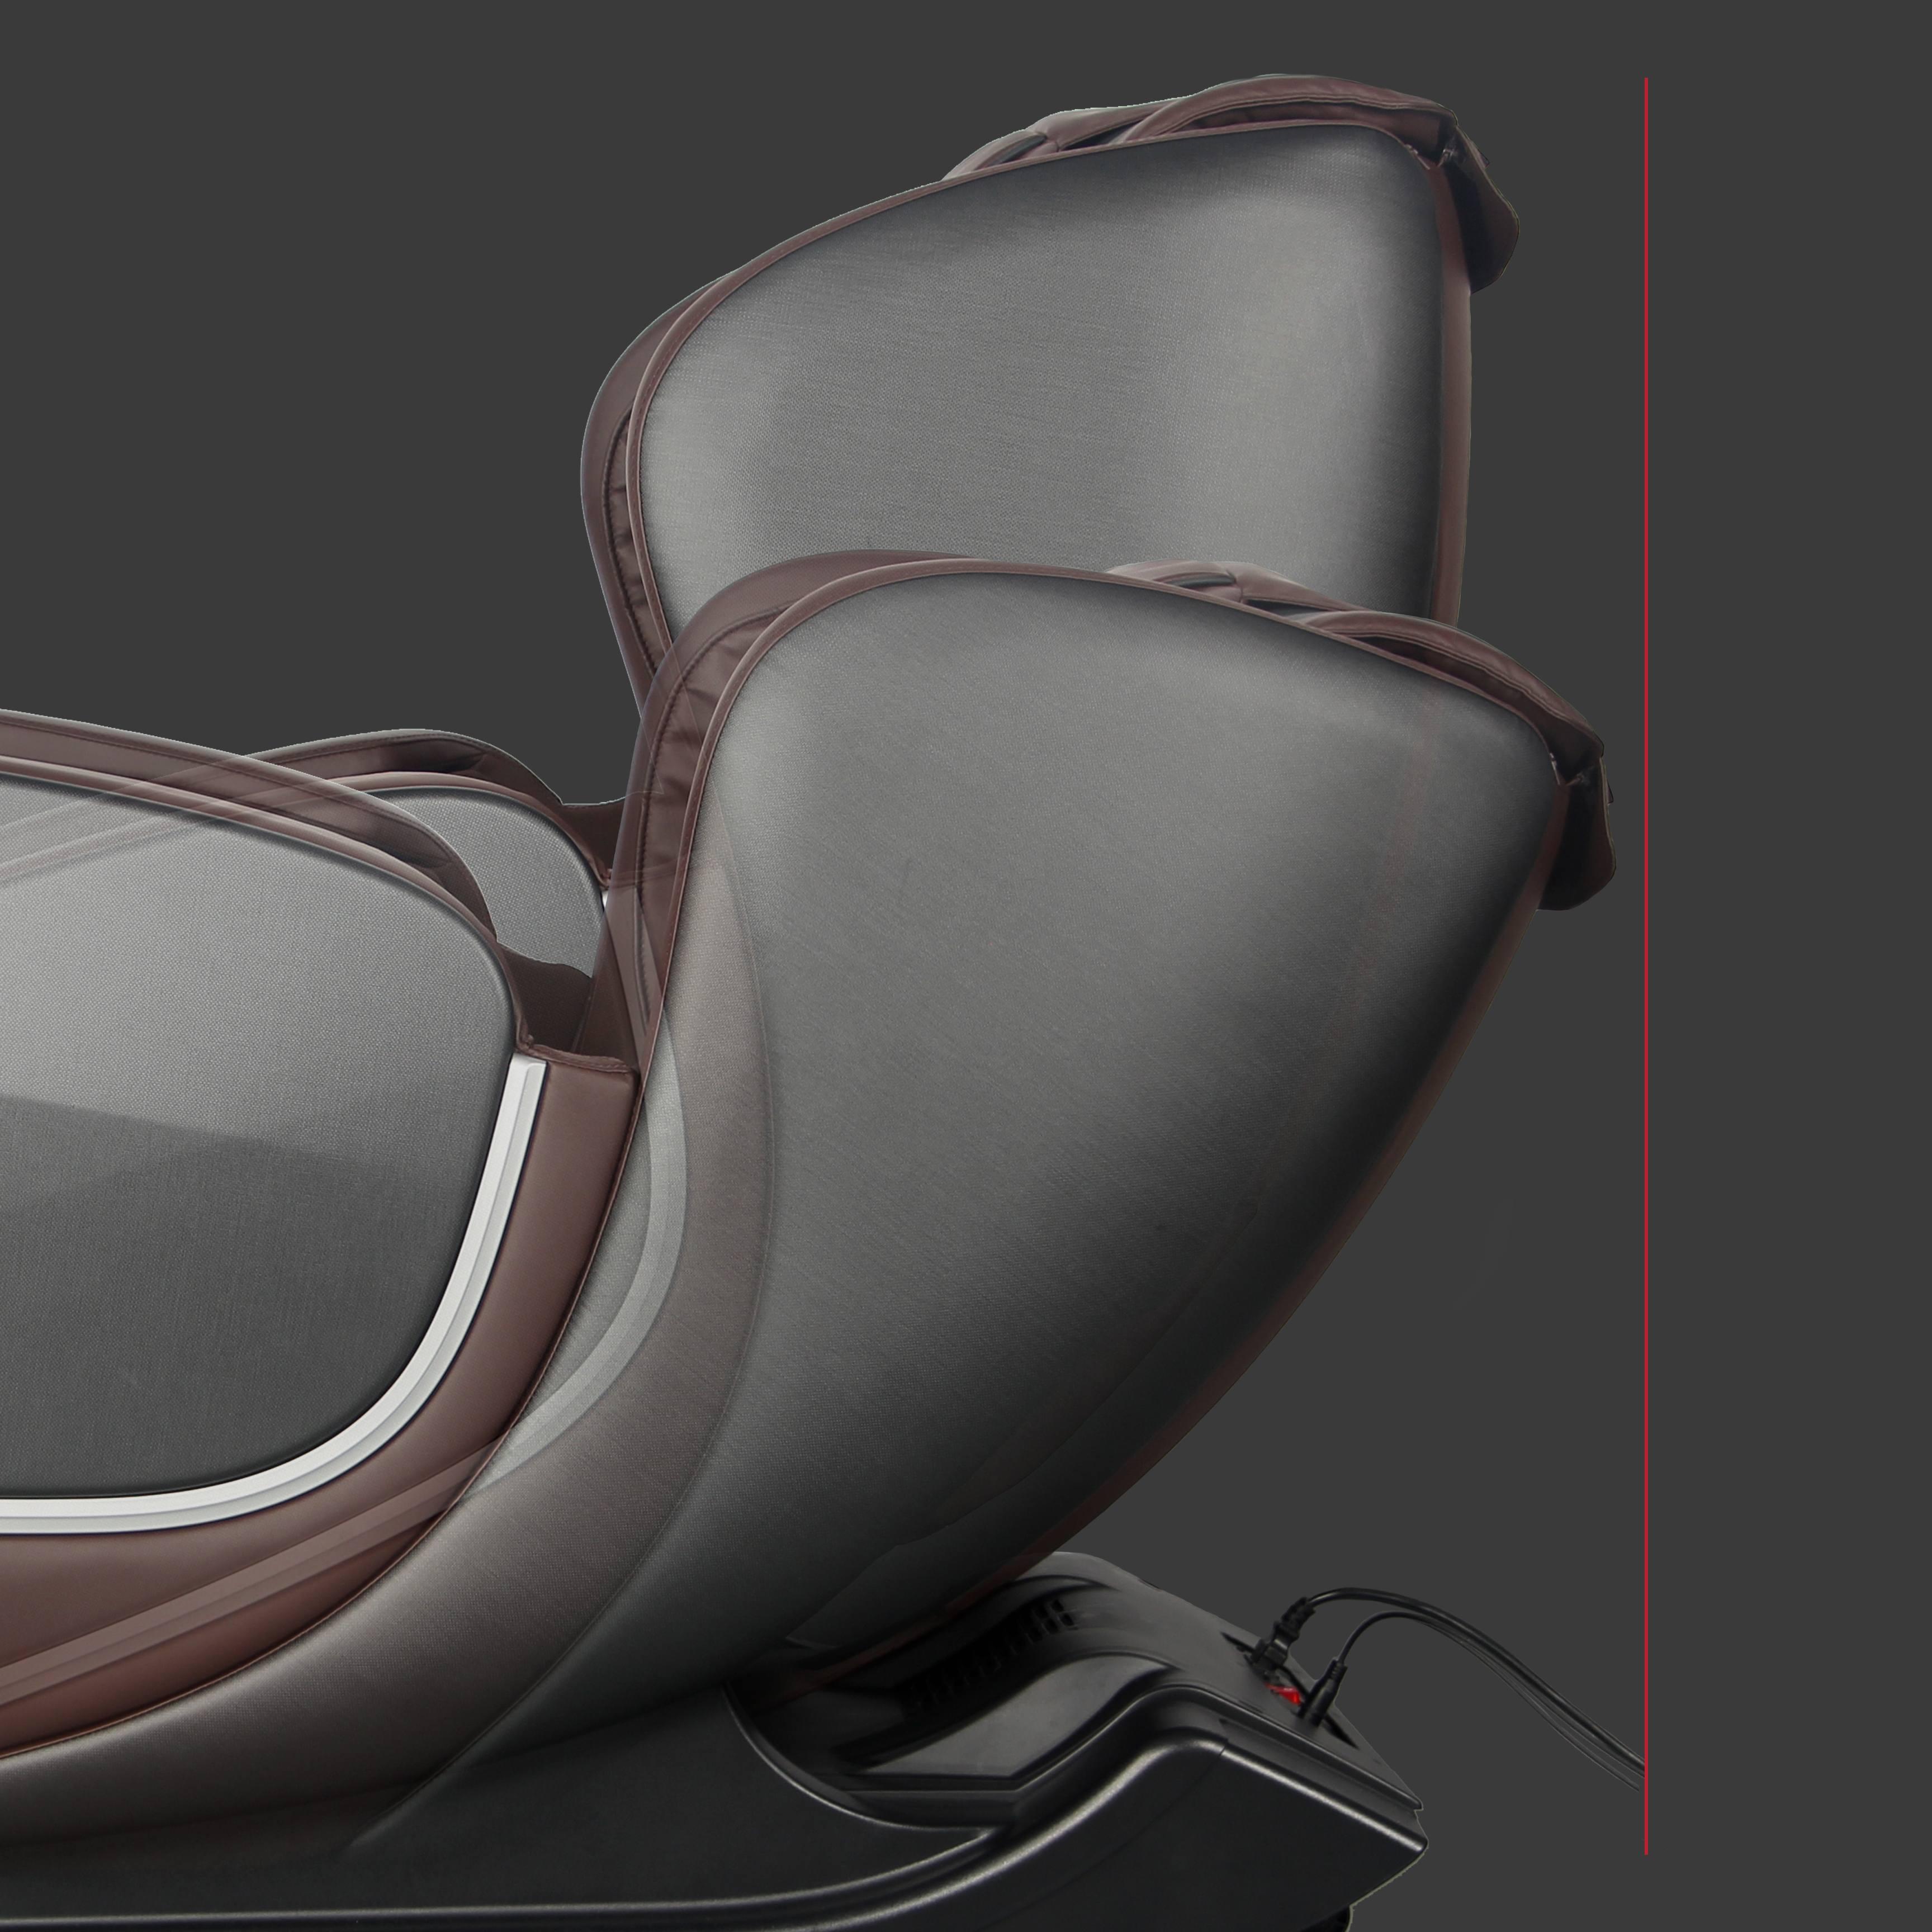 Kyota E330 Space Saving